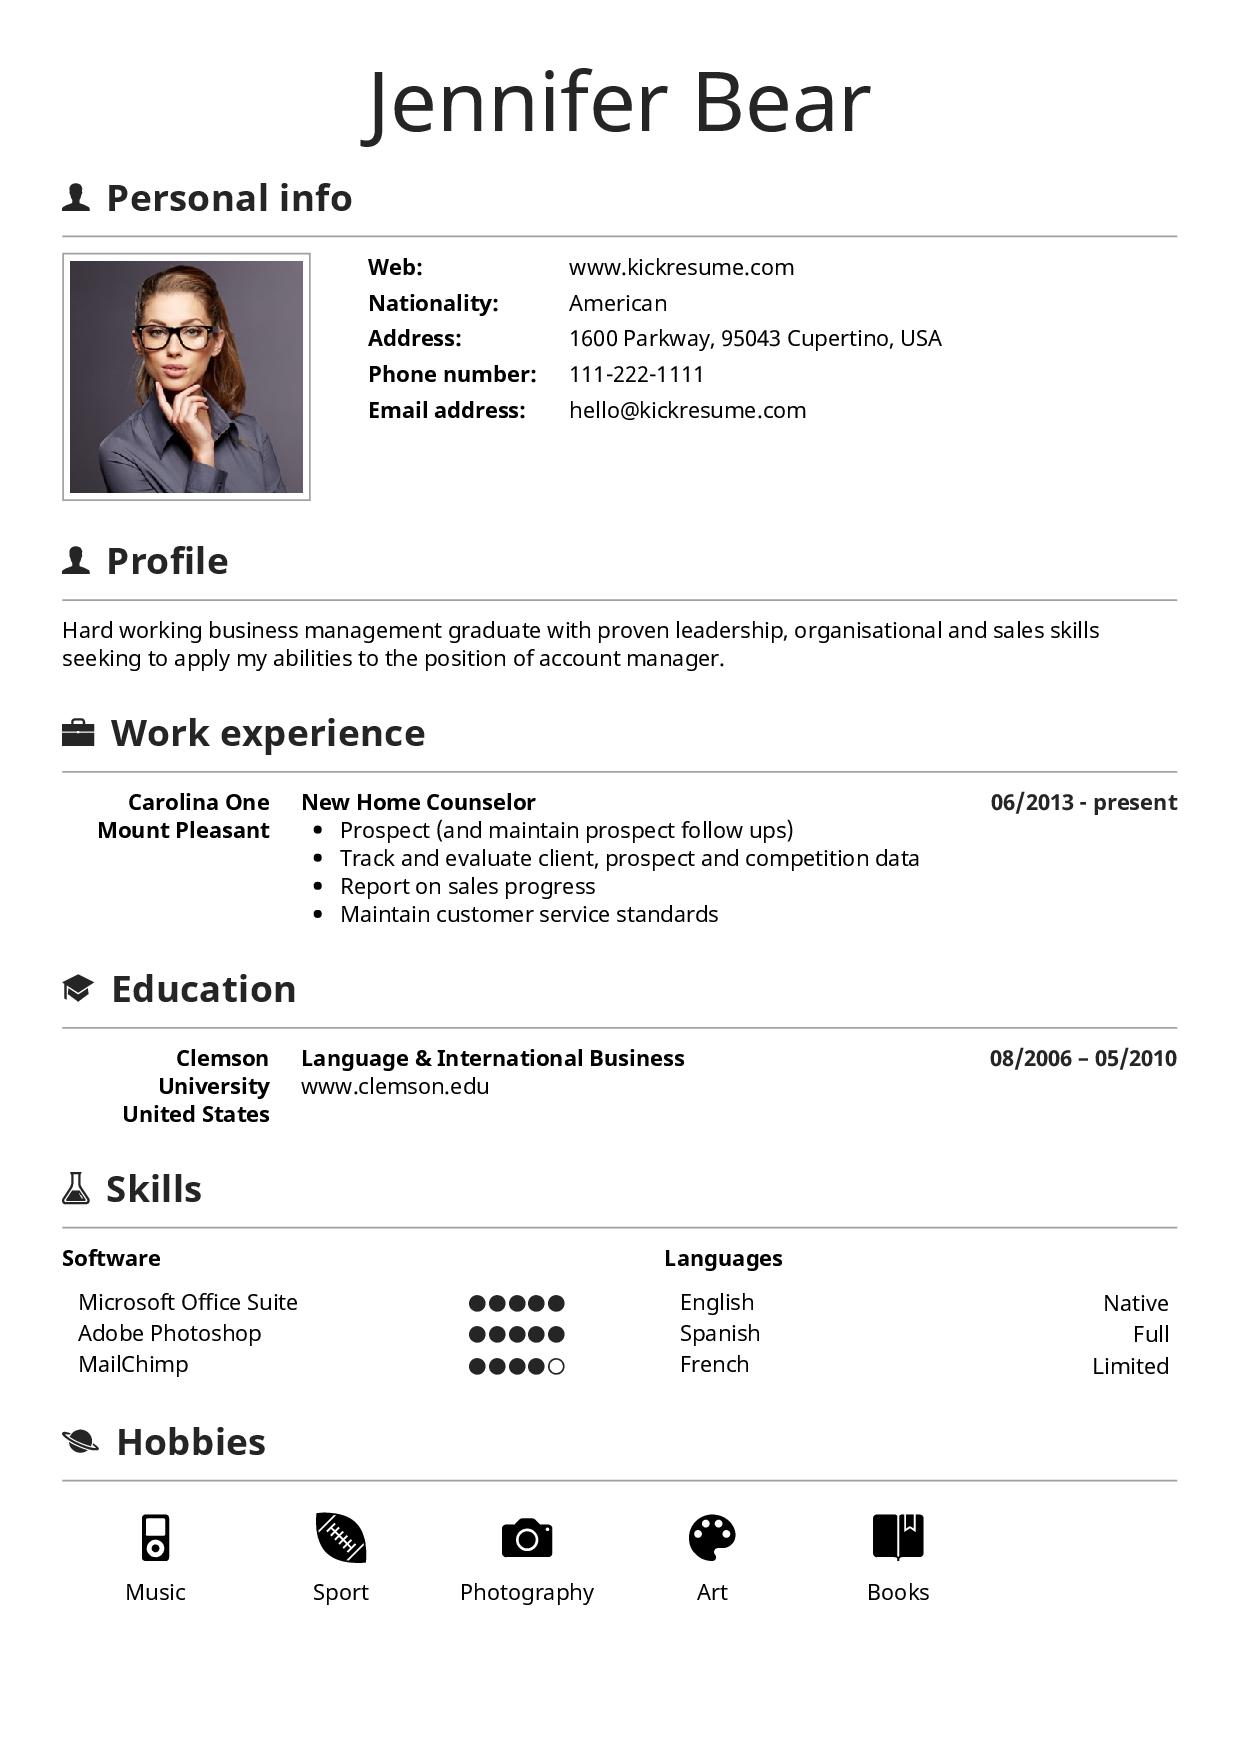 Kickresume My CV in 2020 Sales skills, Cover letter